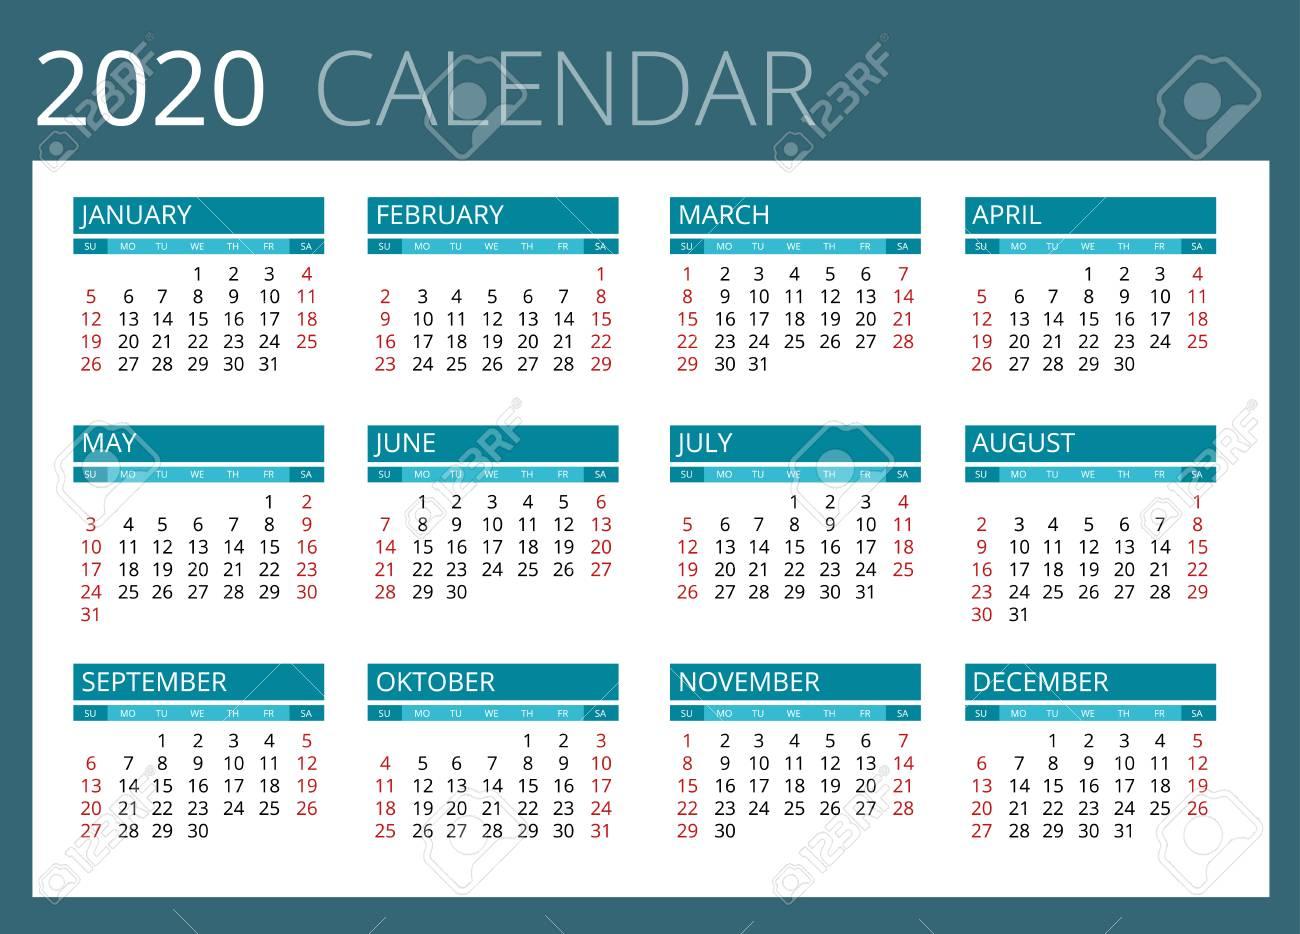 Calendario 2020 Portugues Com Feriados.Calendario Para El Ano 2020 La Semana Comienza El Domingo El Diseno Simple Del Vector